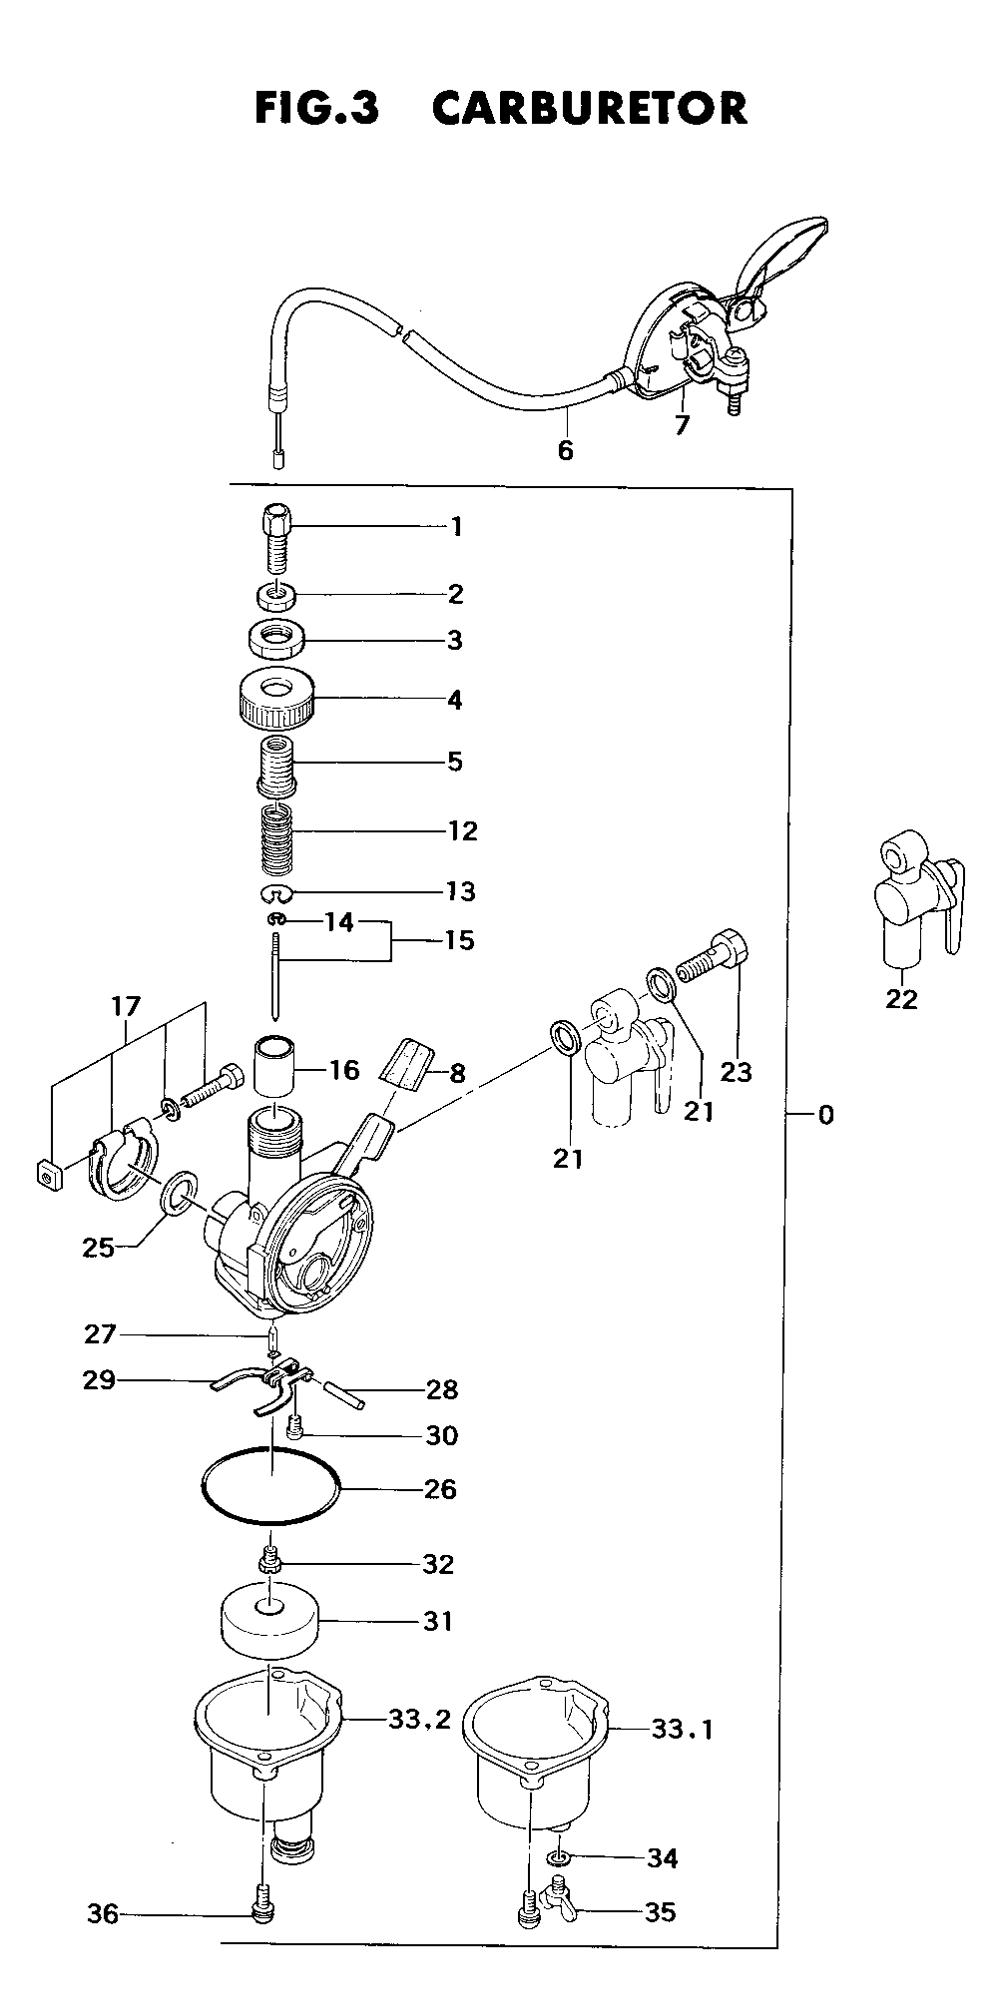 TBL-300-Tanaka-PB-2Break Down